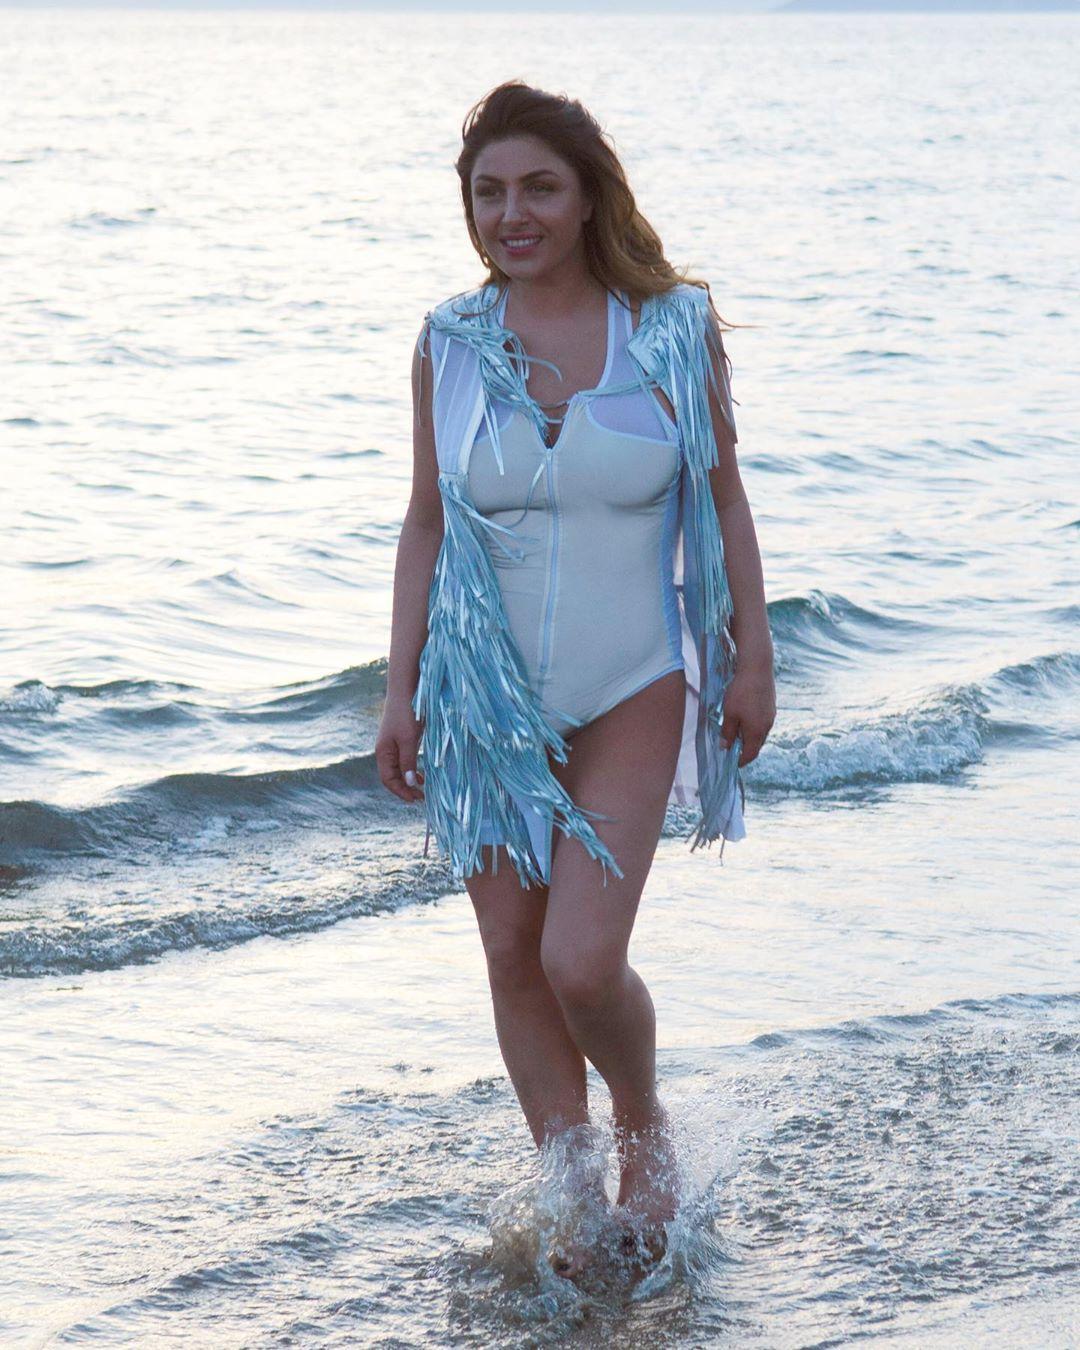 Έλενα Παπαρίζου: Δημοσίευσε την πρώτη φωτογραφία της με μαγιό αυτό το καλοκαίρι!